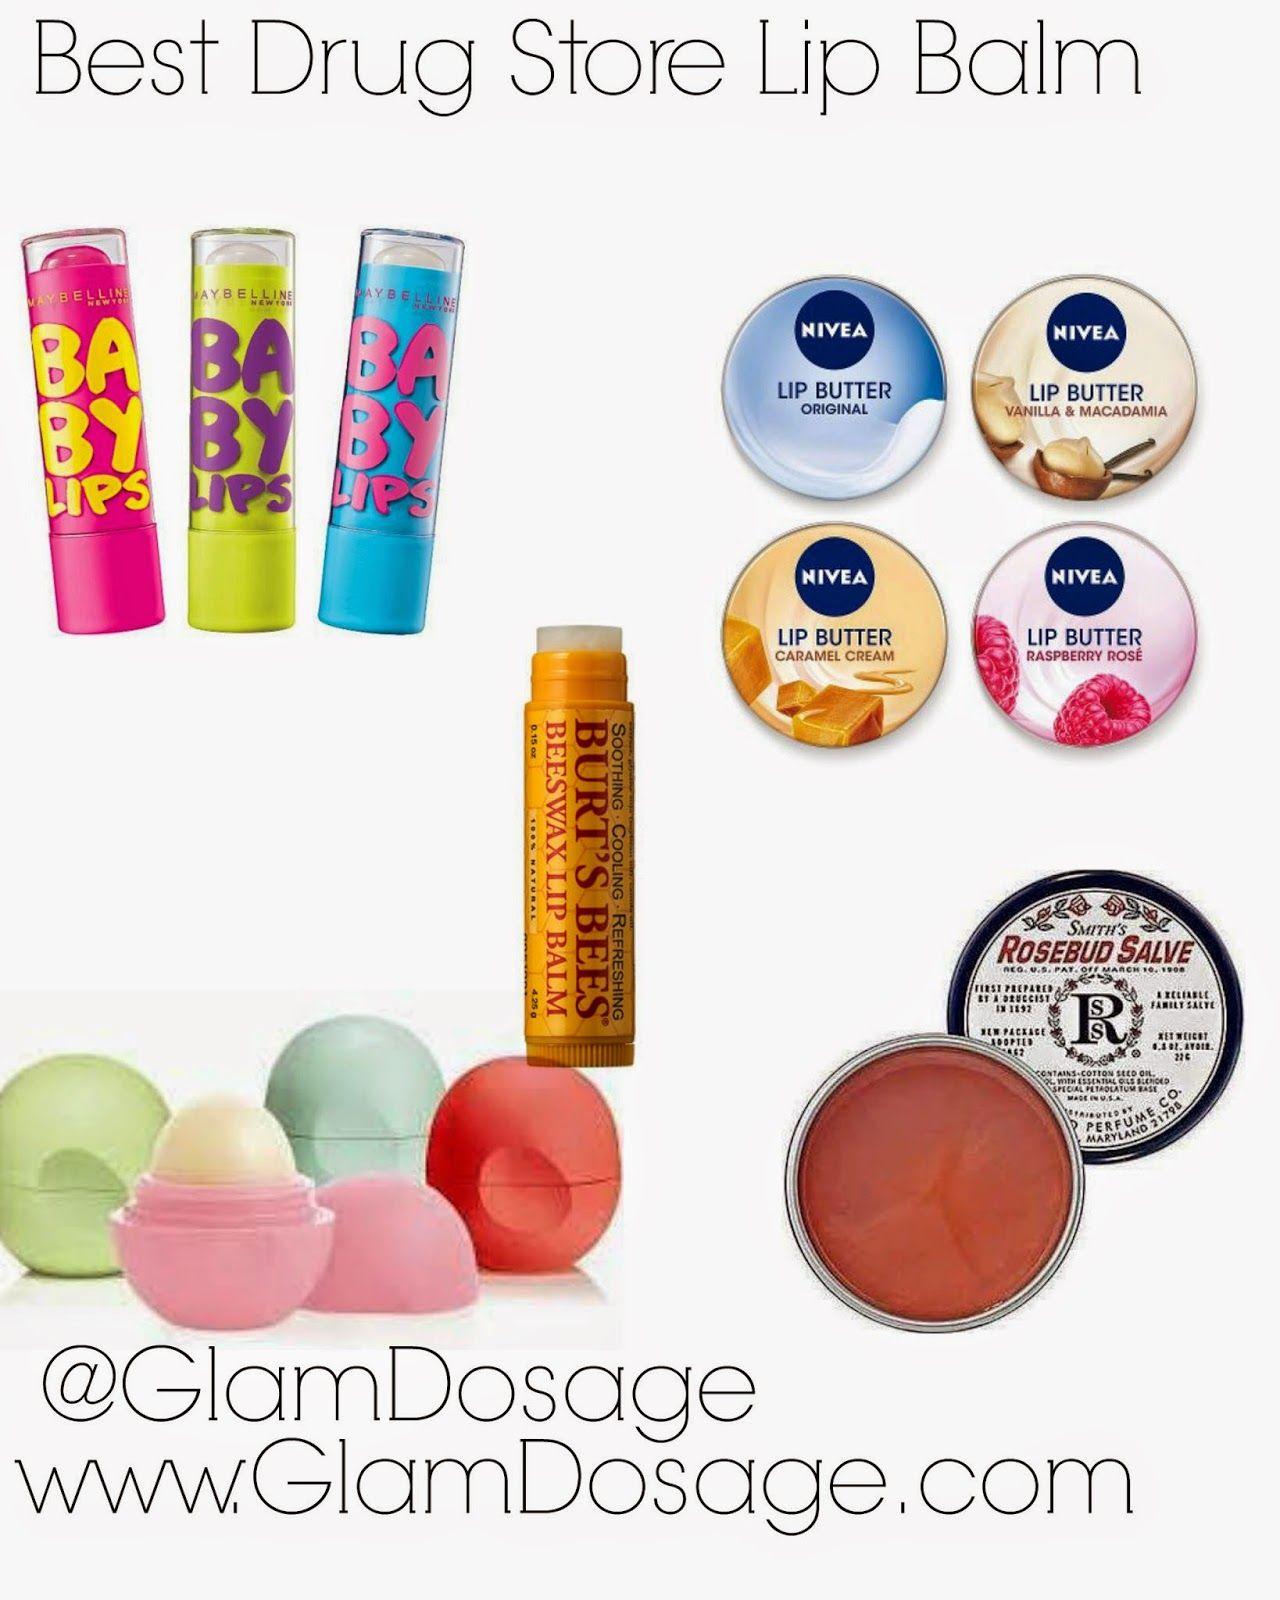 Best Drugstore Lip Balms Http Www Glamdosage Com 2014 06 Best